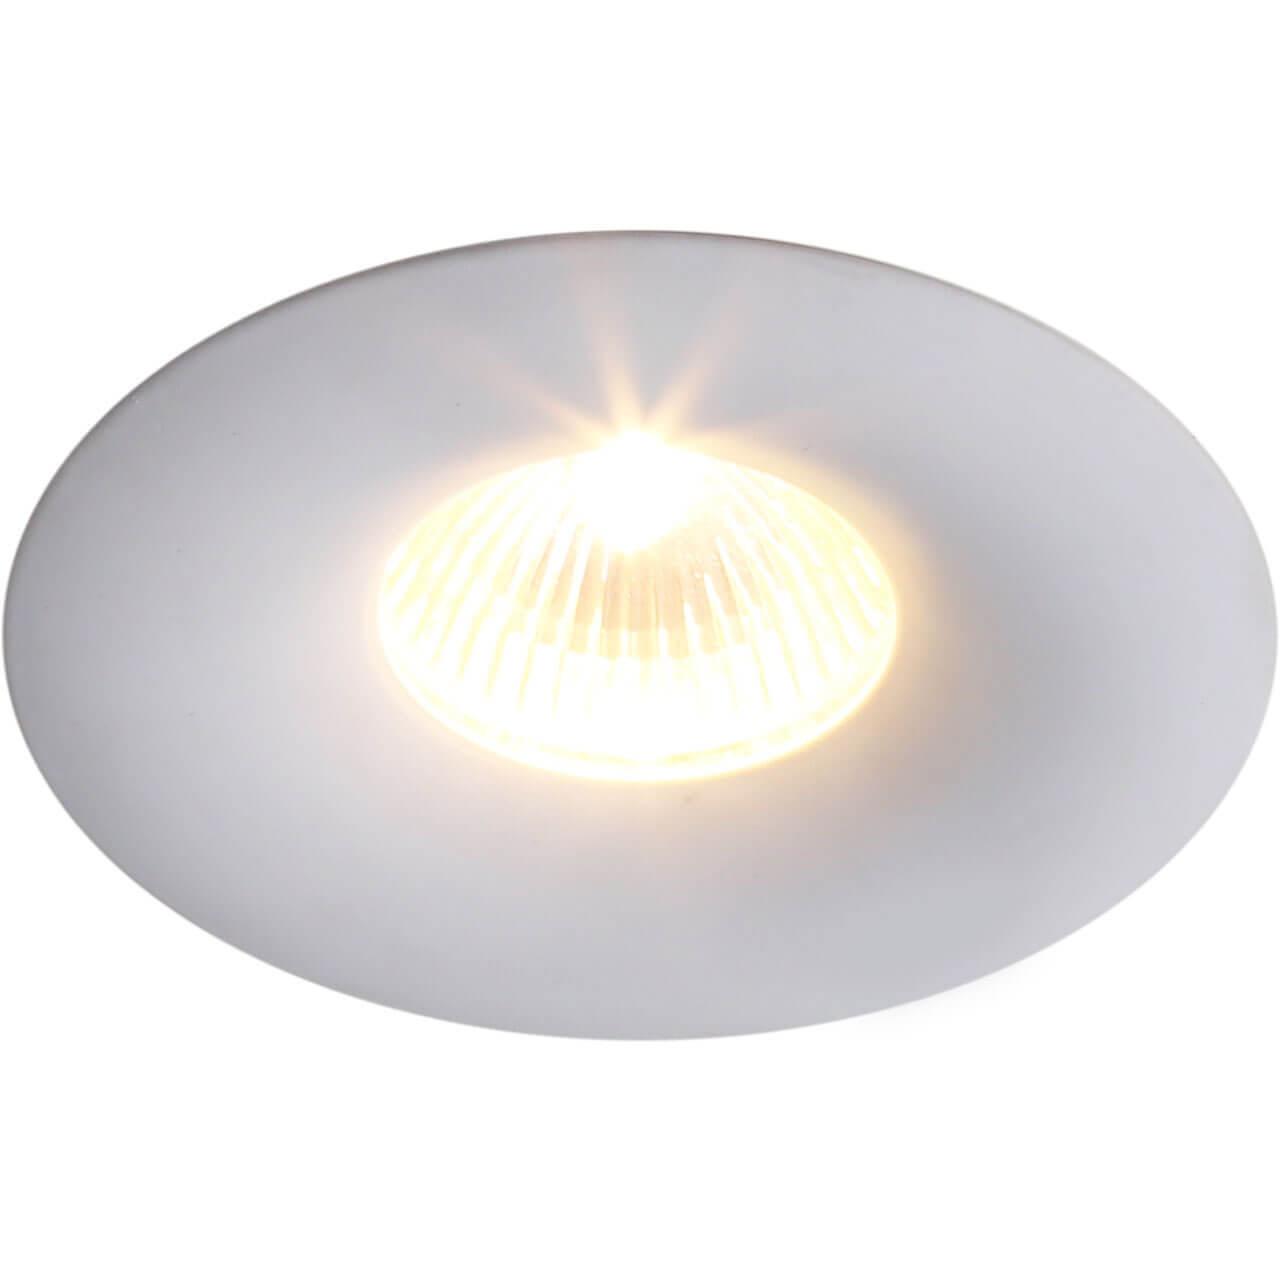 Светильник потолочный Divinare 1765/03 PL-1 светильник paulmann tucana pl 70473